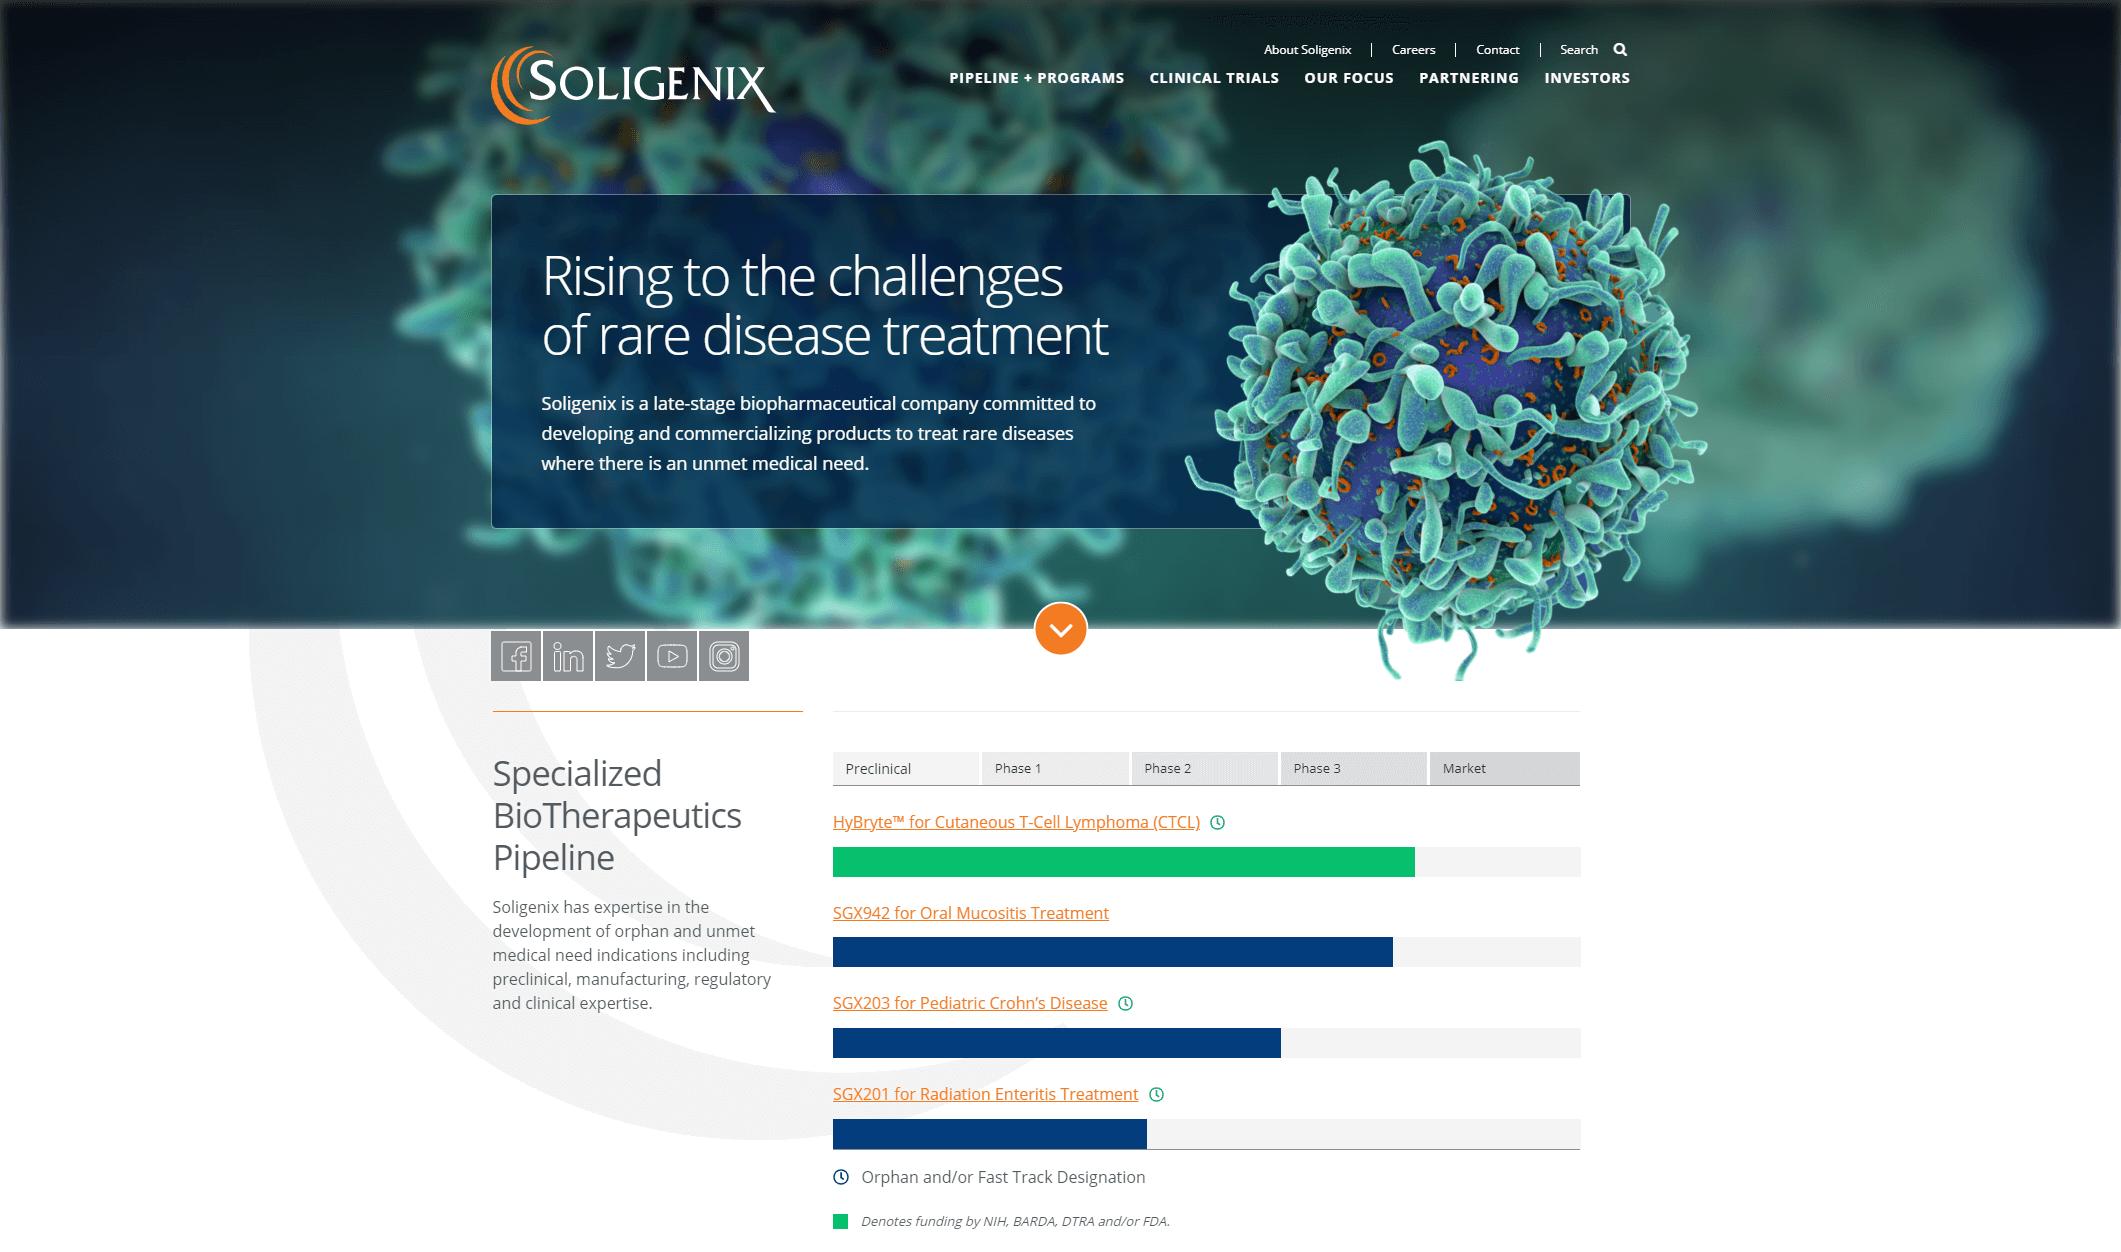 www.soligenix.com